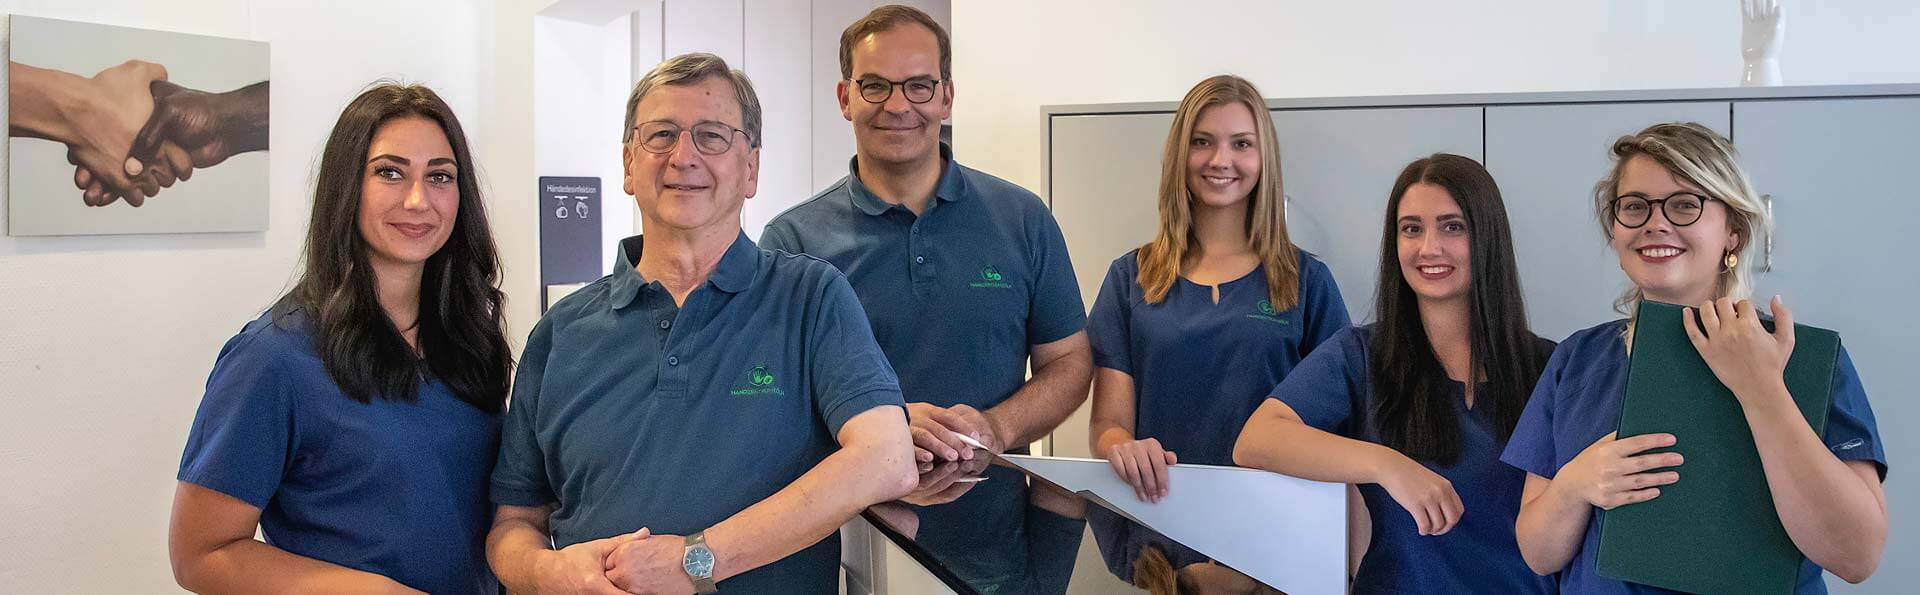 Foto des Teams des Handzentrum Köln. Iinformationen über das Ärzte- und Praxisteam sowie über die Praxis.